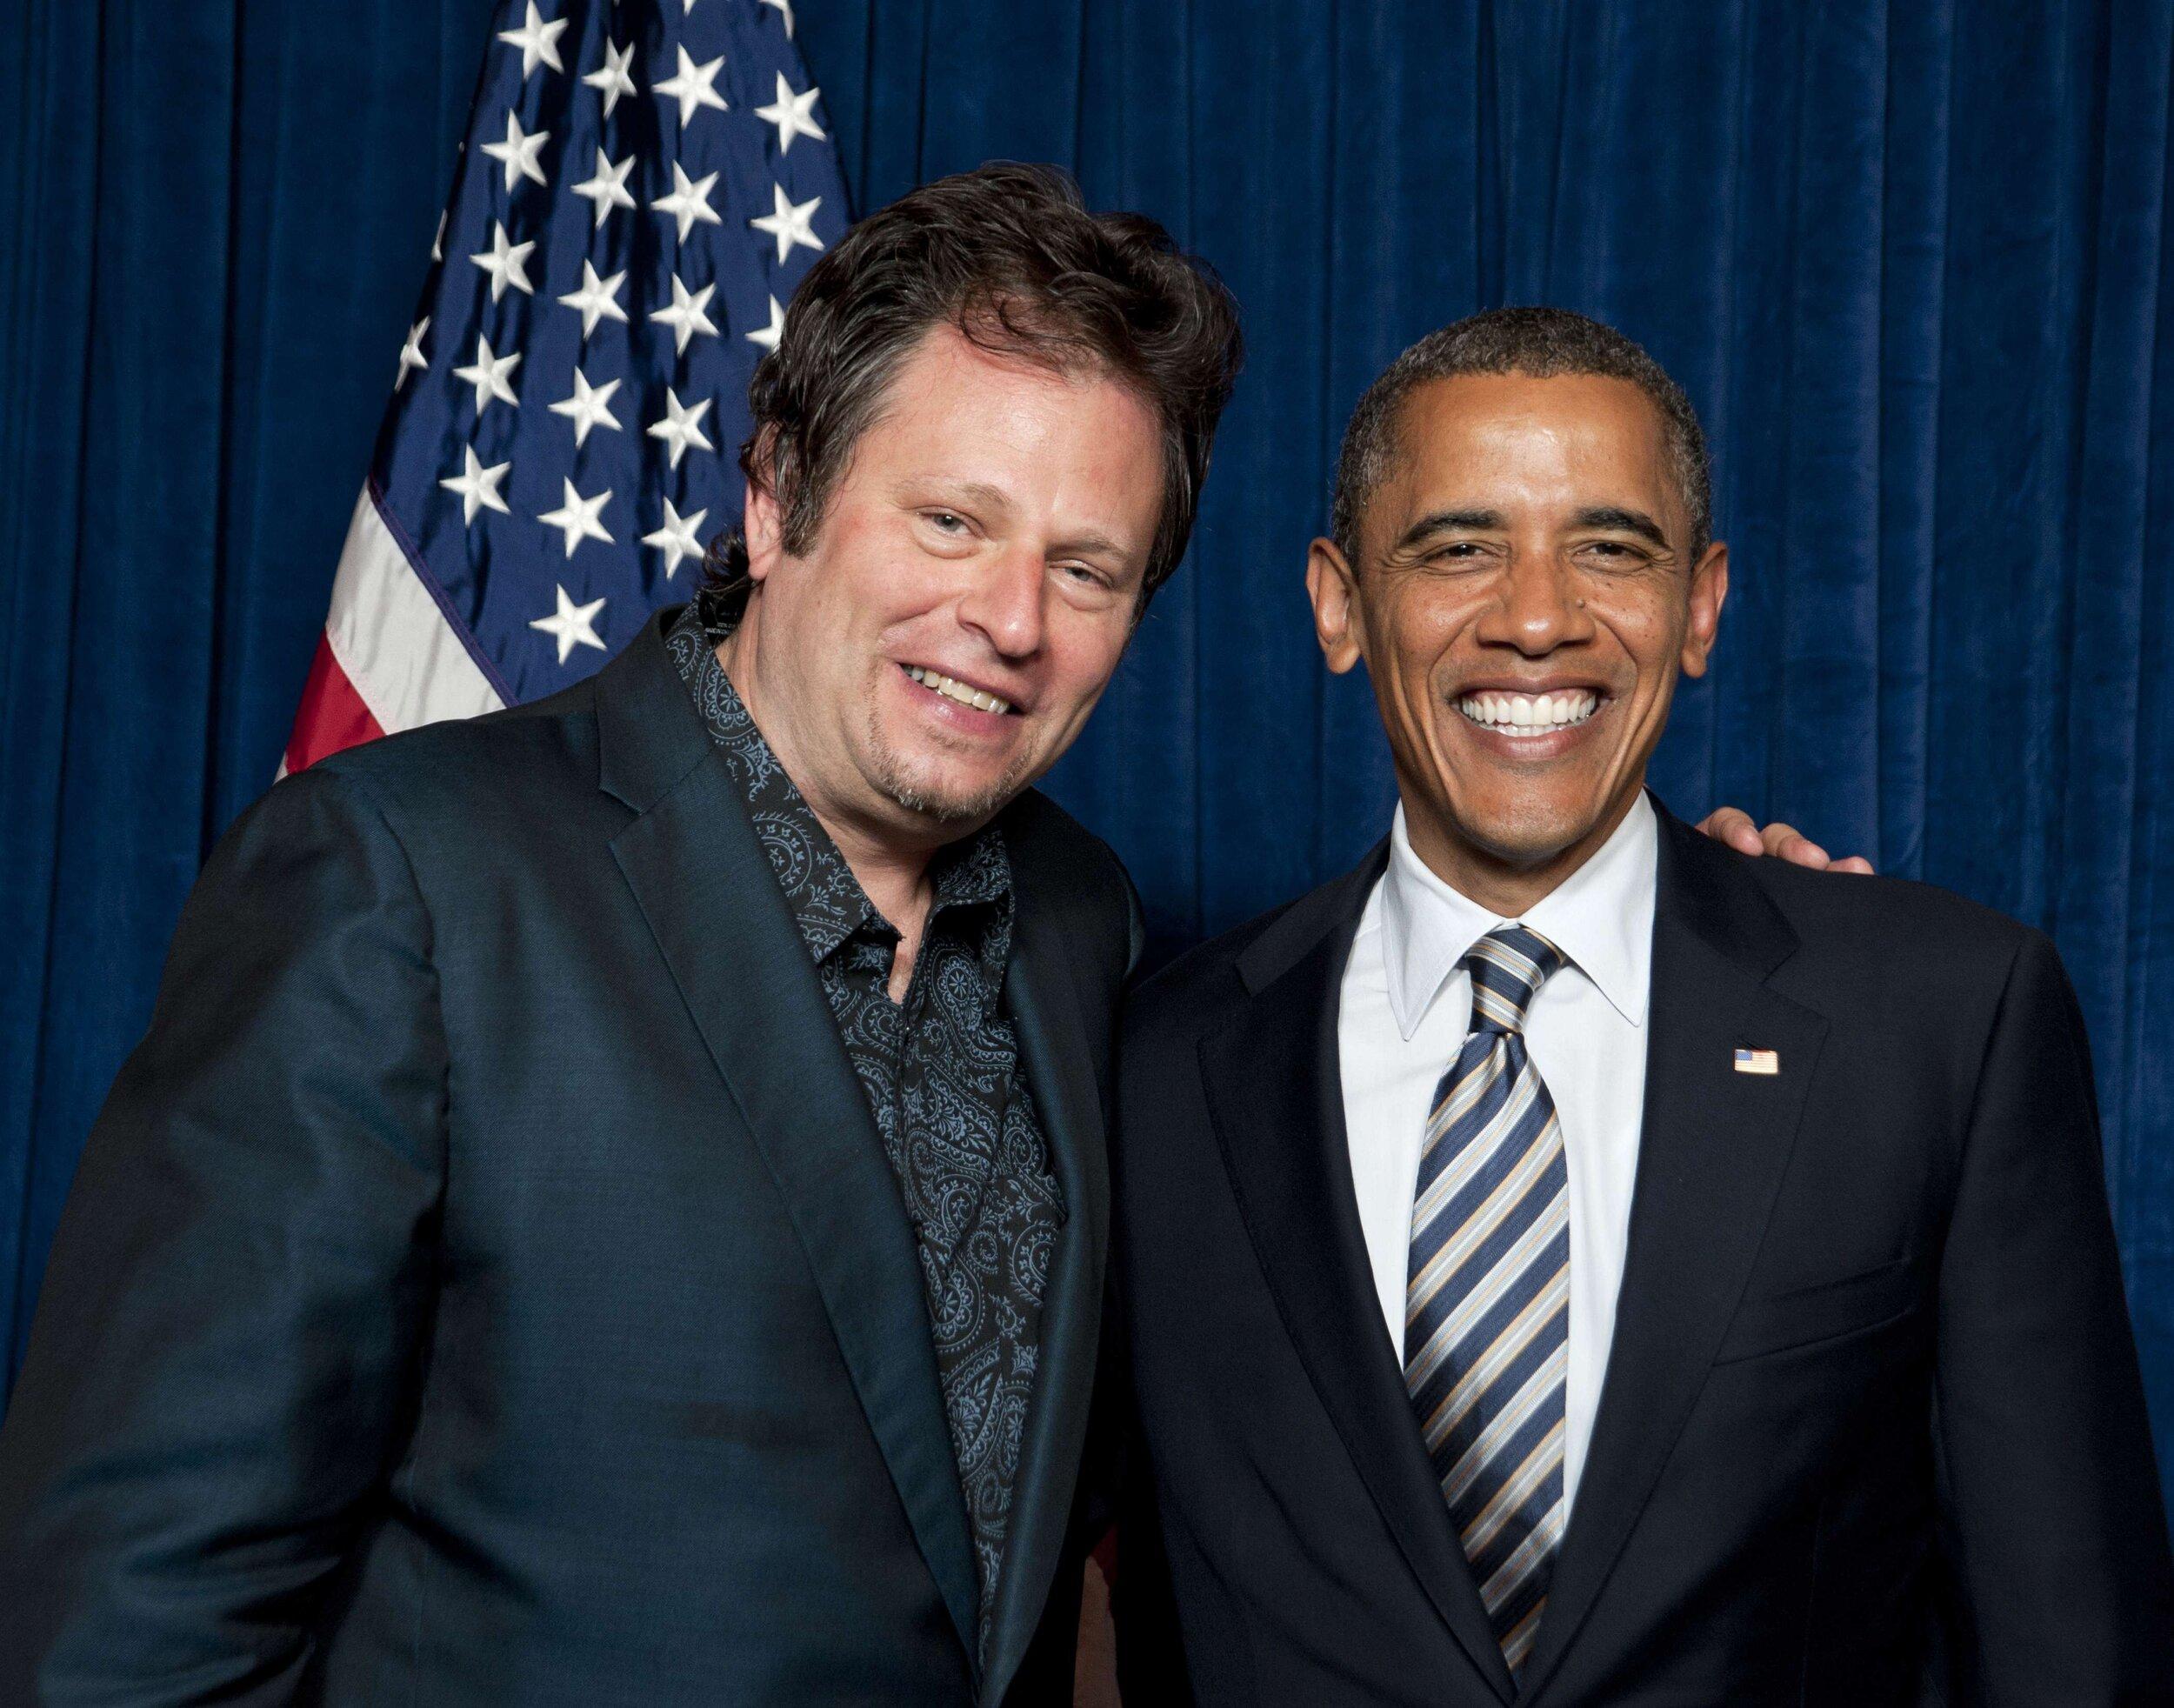 Dave Specter & President Obama 2012